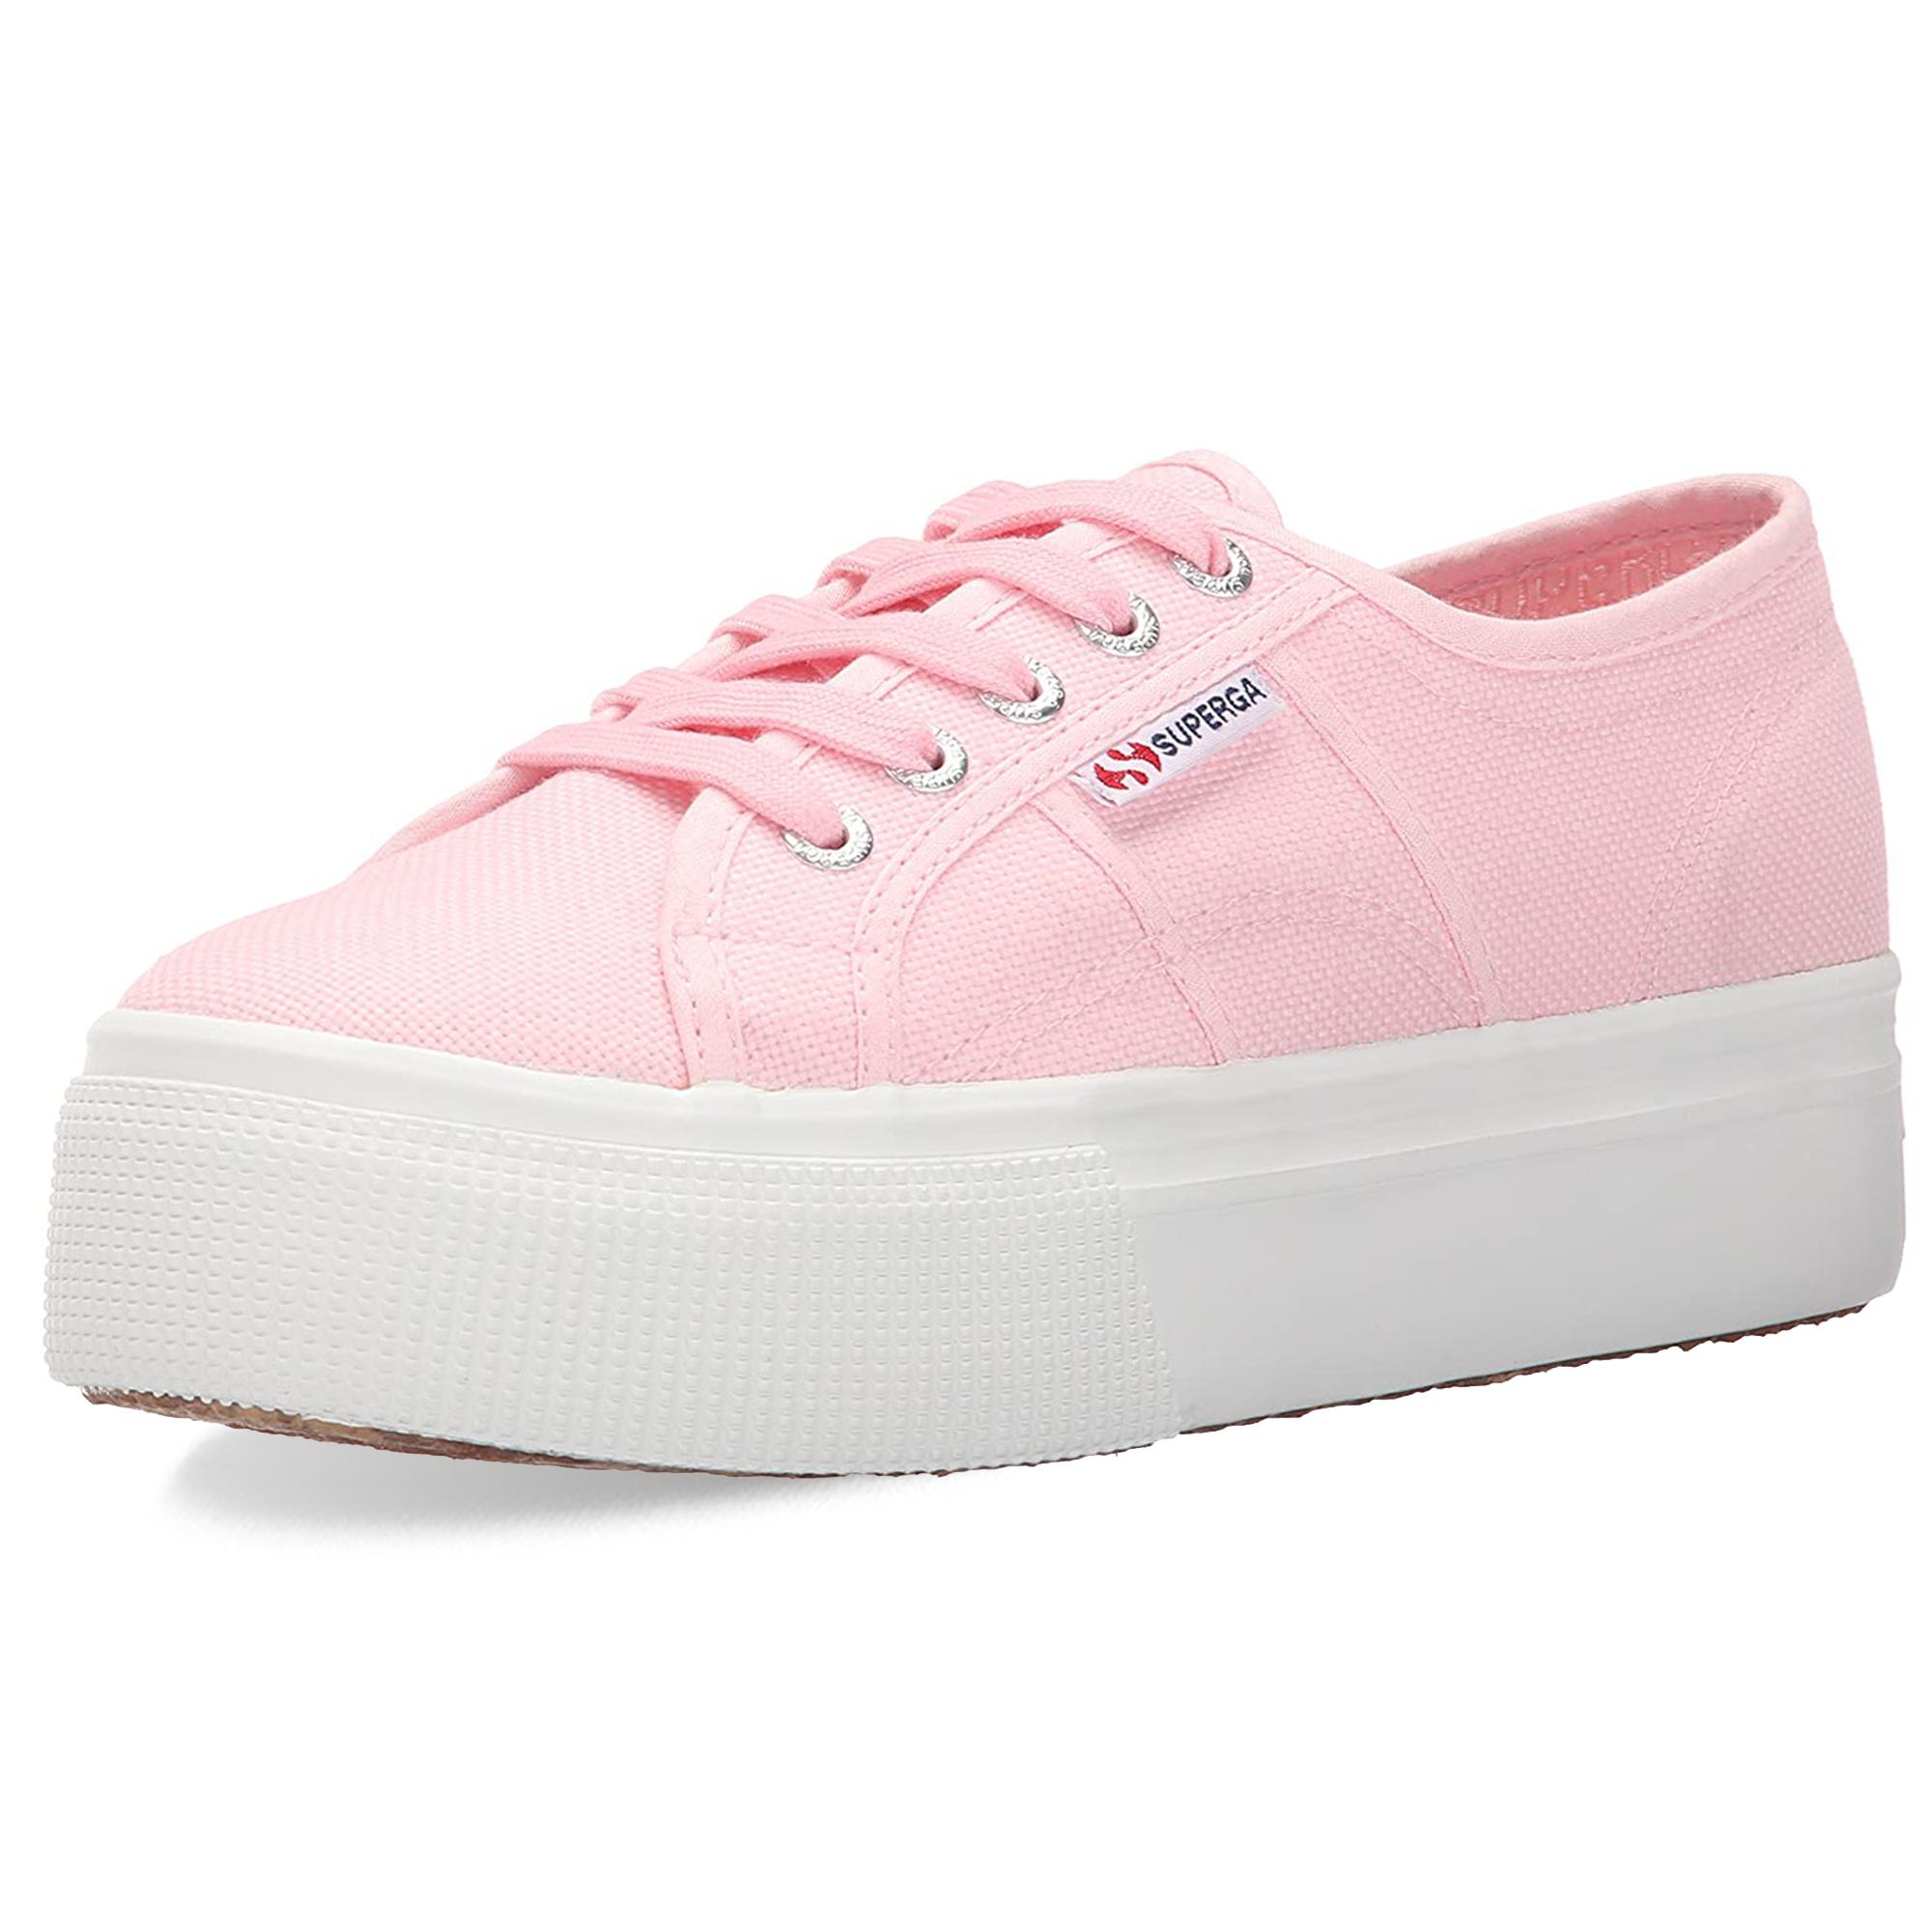 Sneakers Superga® bianche da donna Special Edition